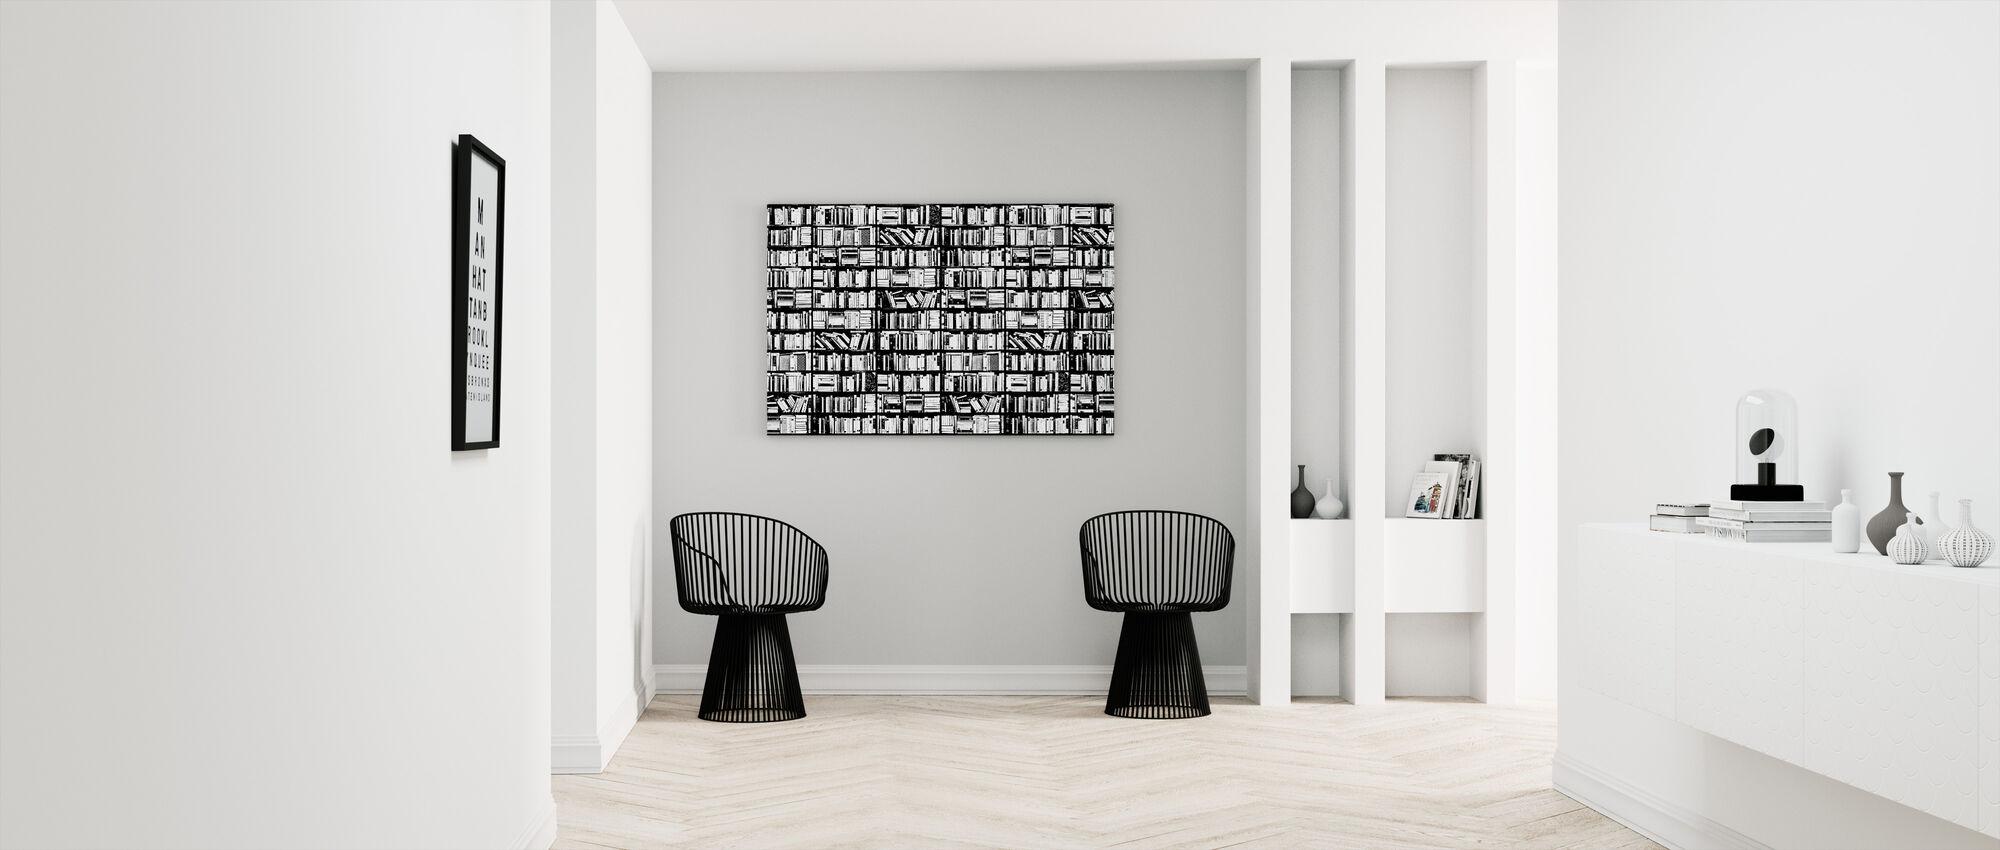 Kirjahylly - Graafinen Musta Valkoinen - Canvastaulu - Aula